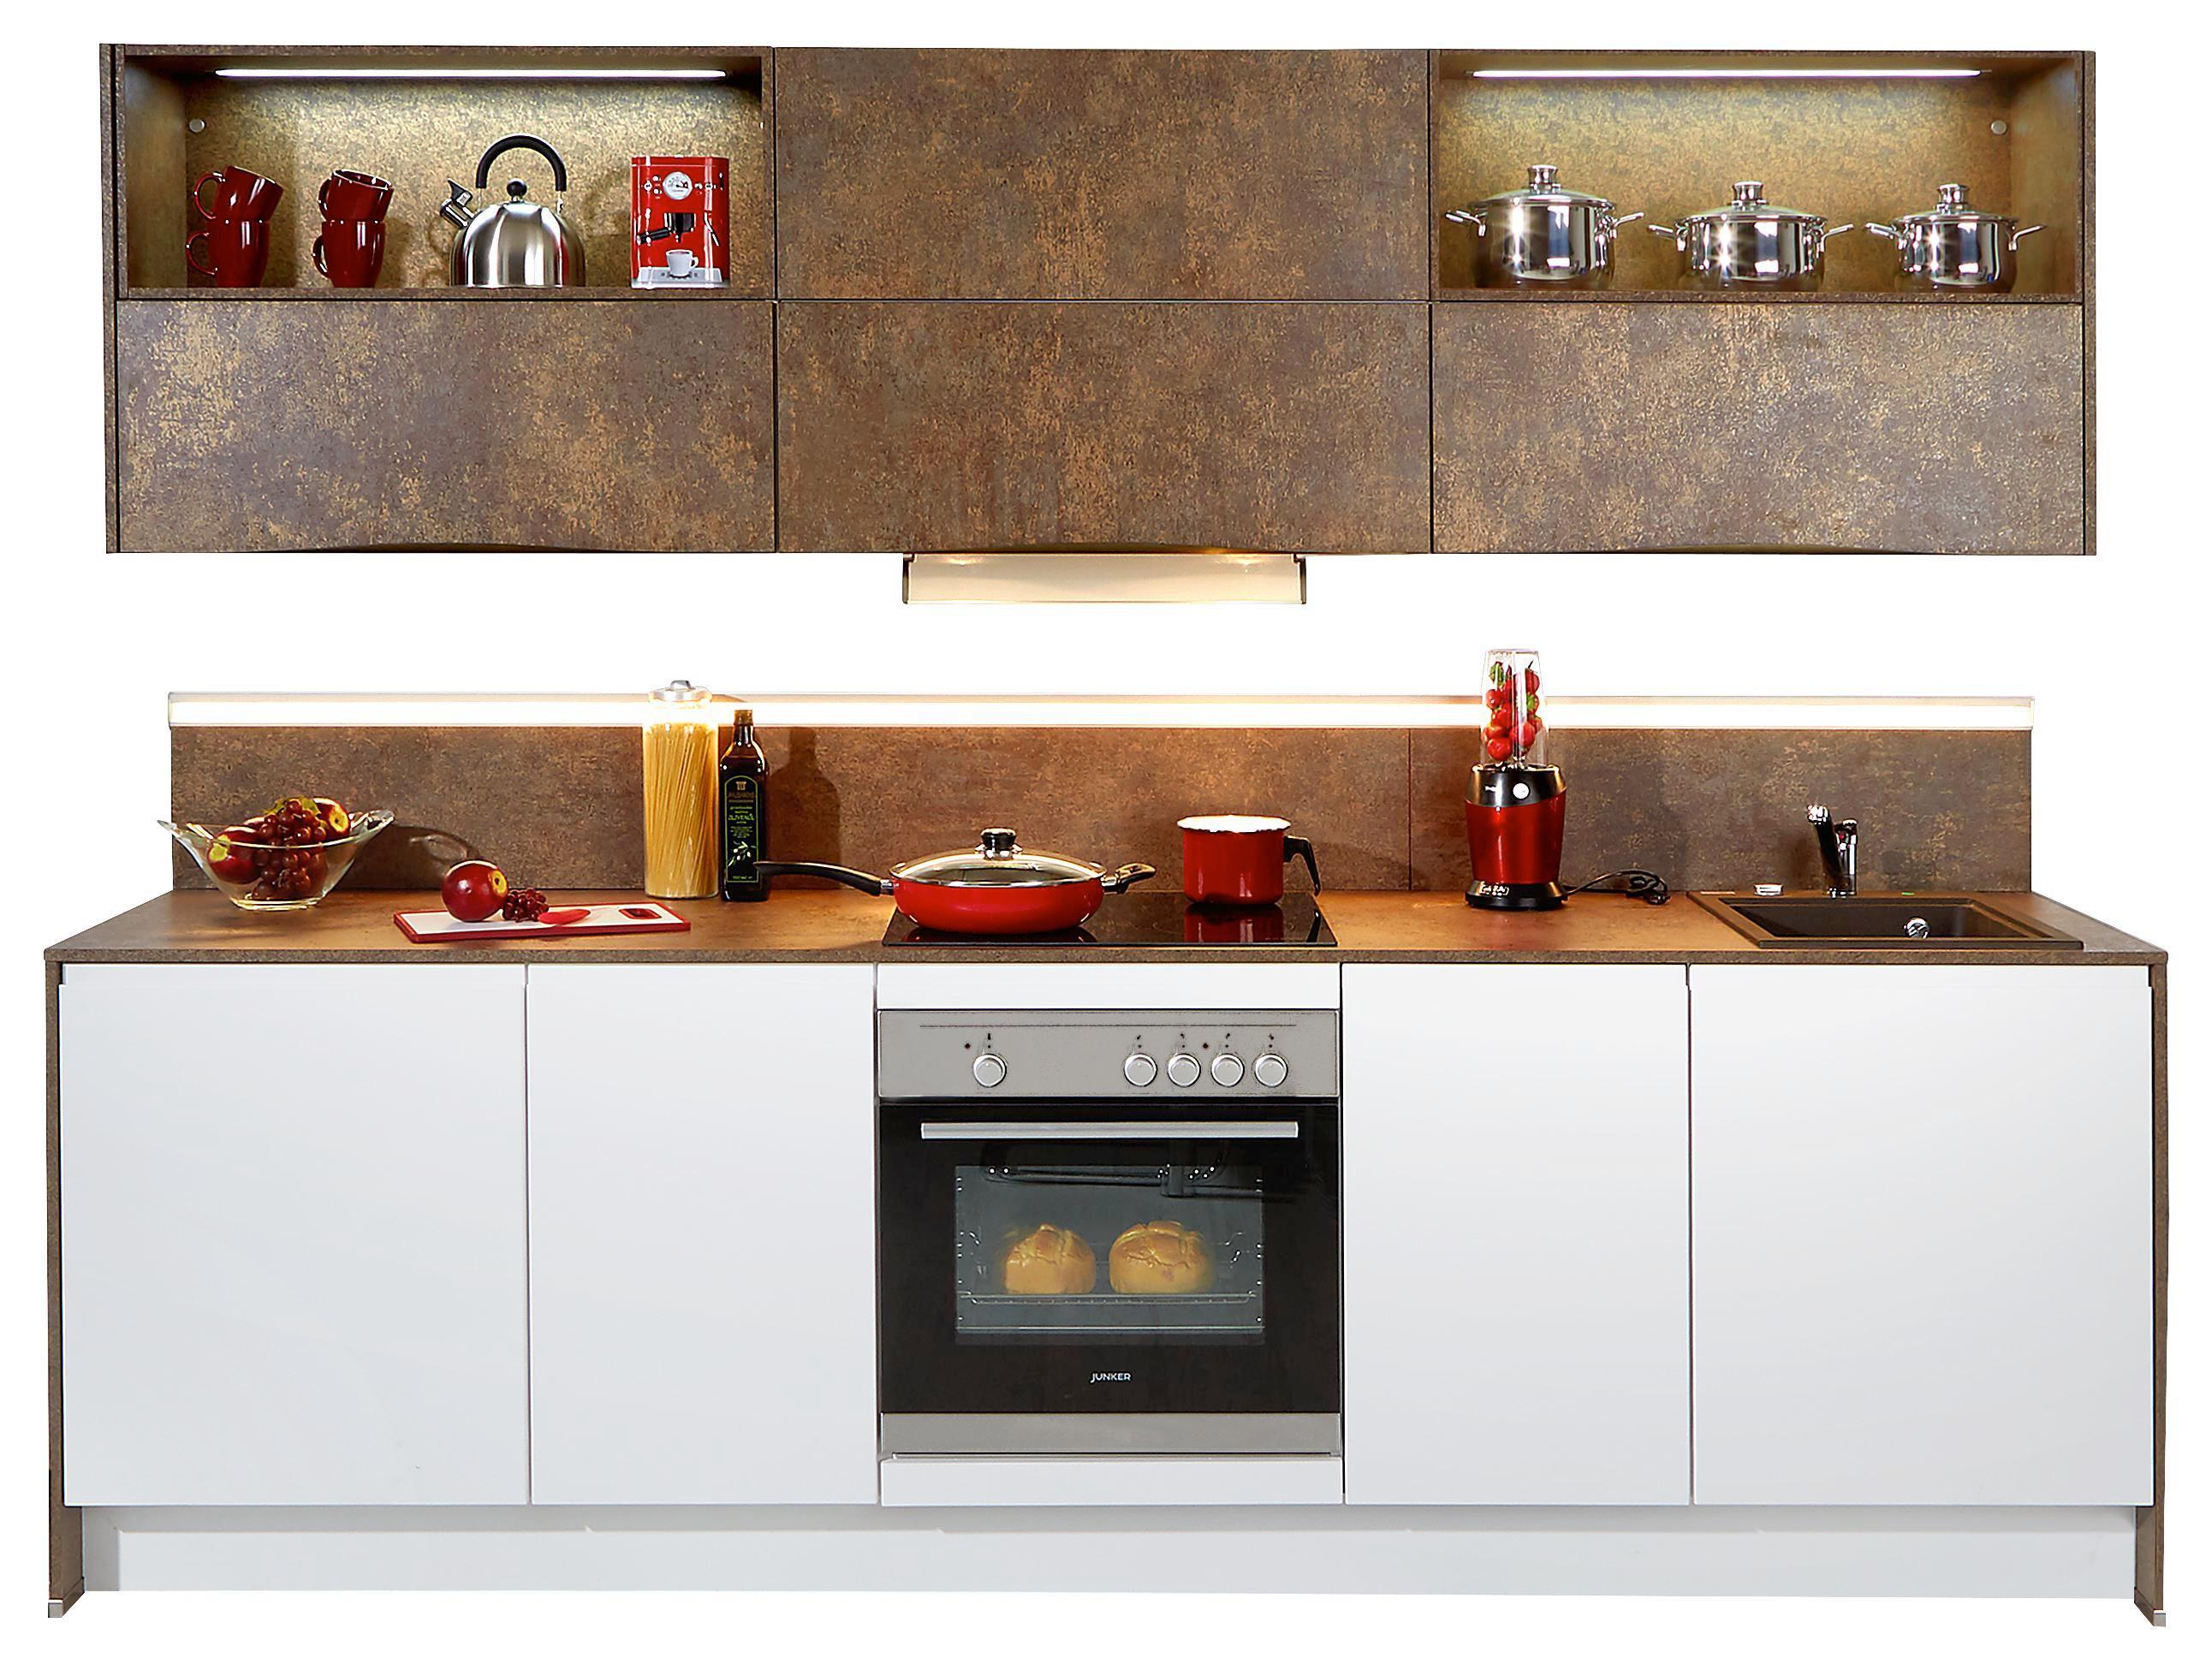 Küchen Ohne Elektrogeräte: Küchenmöbel